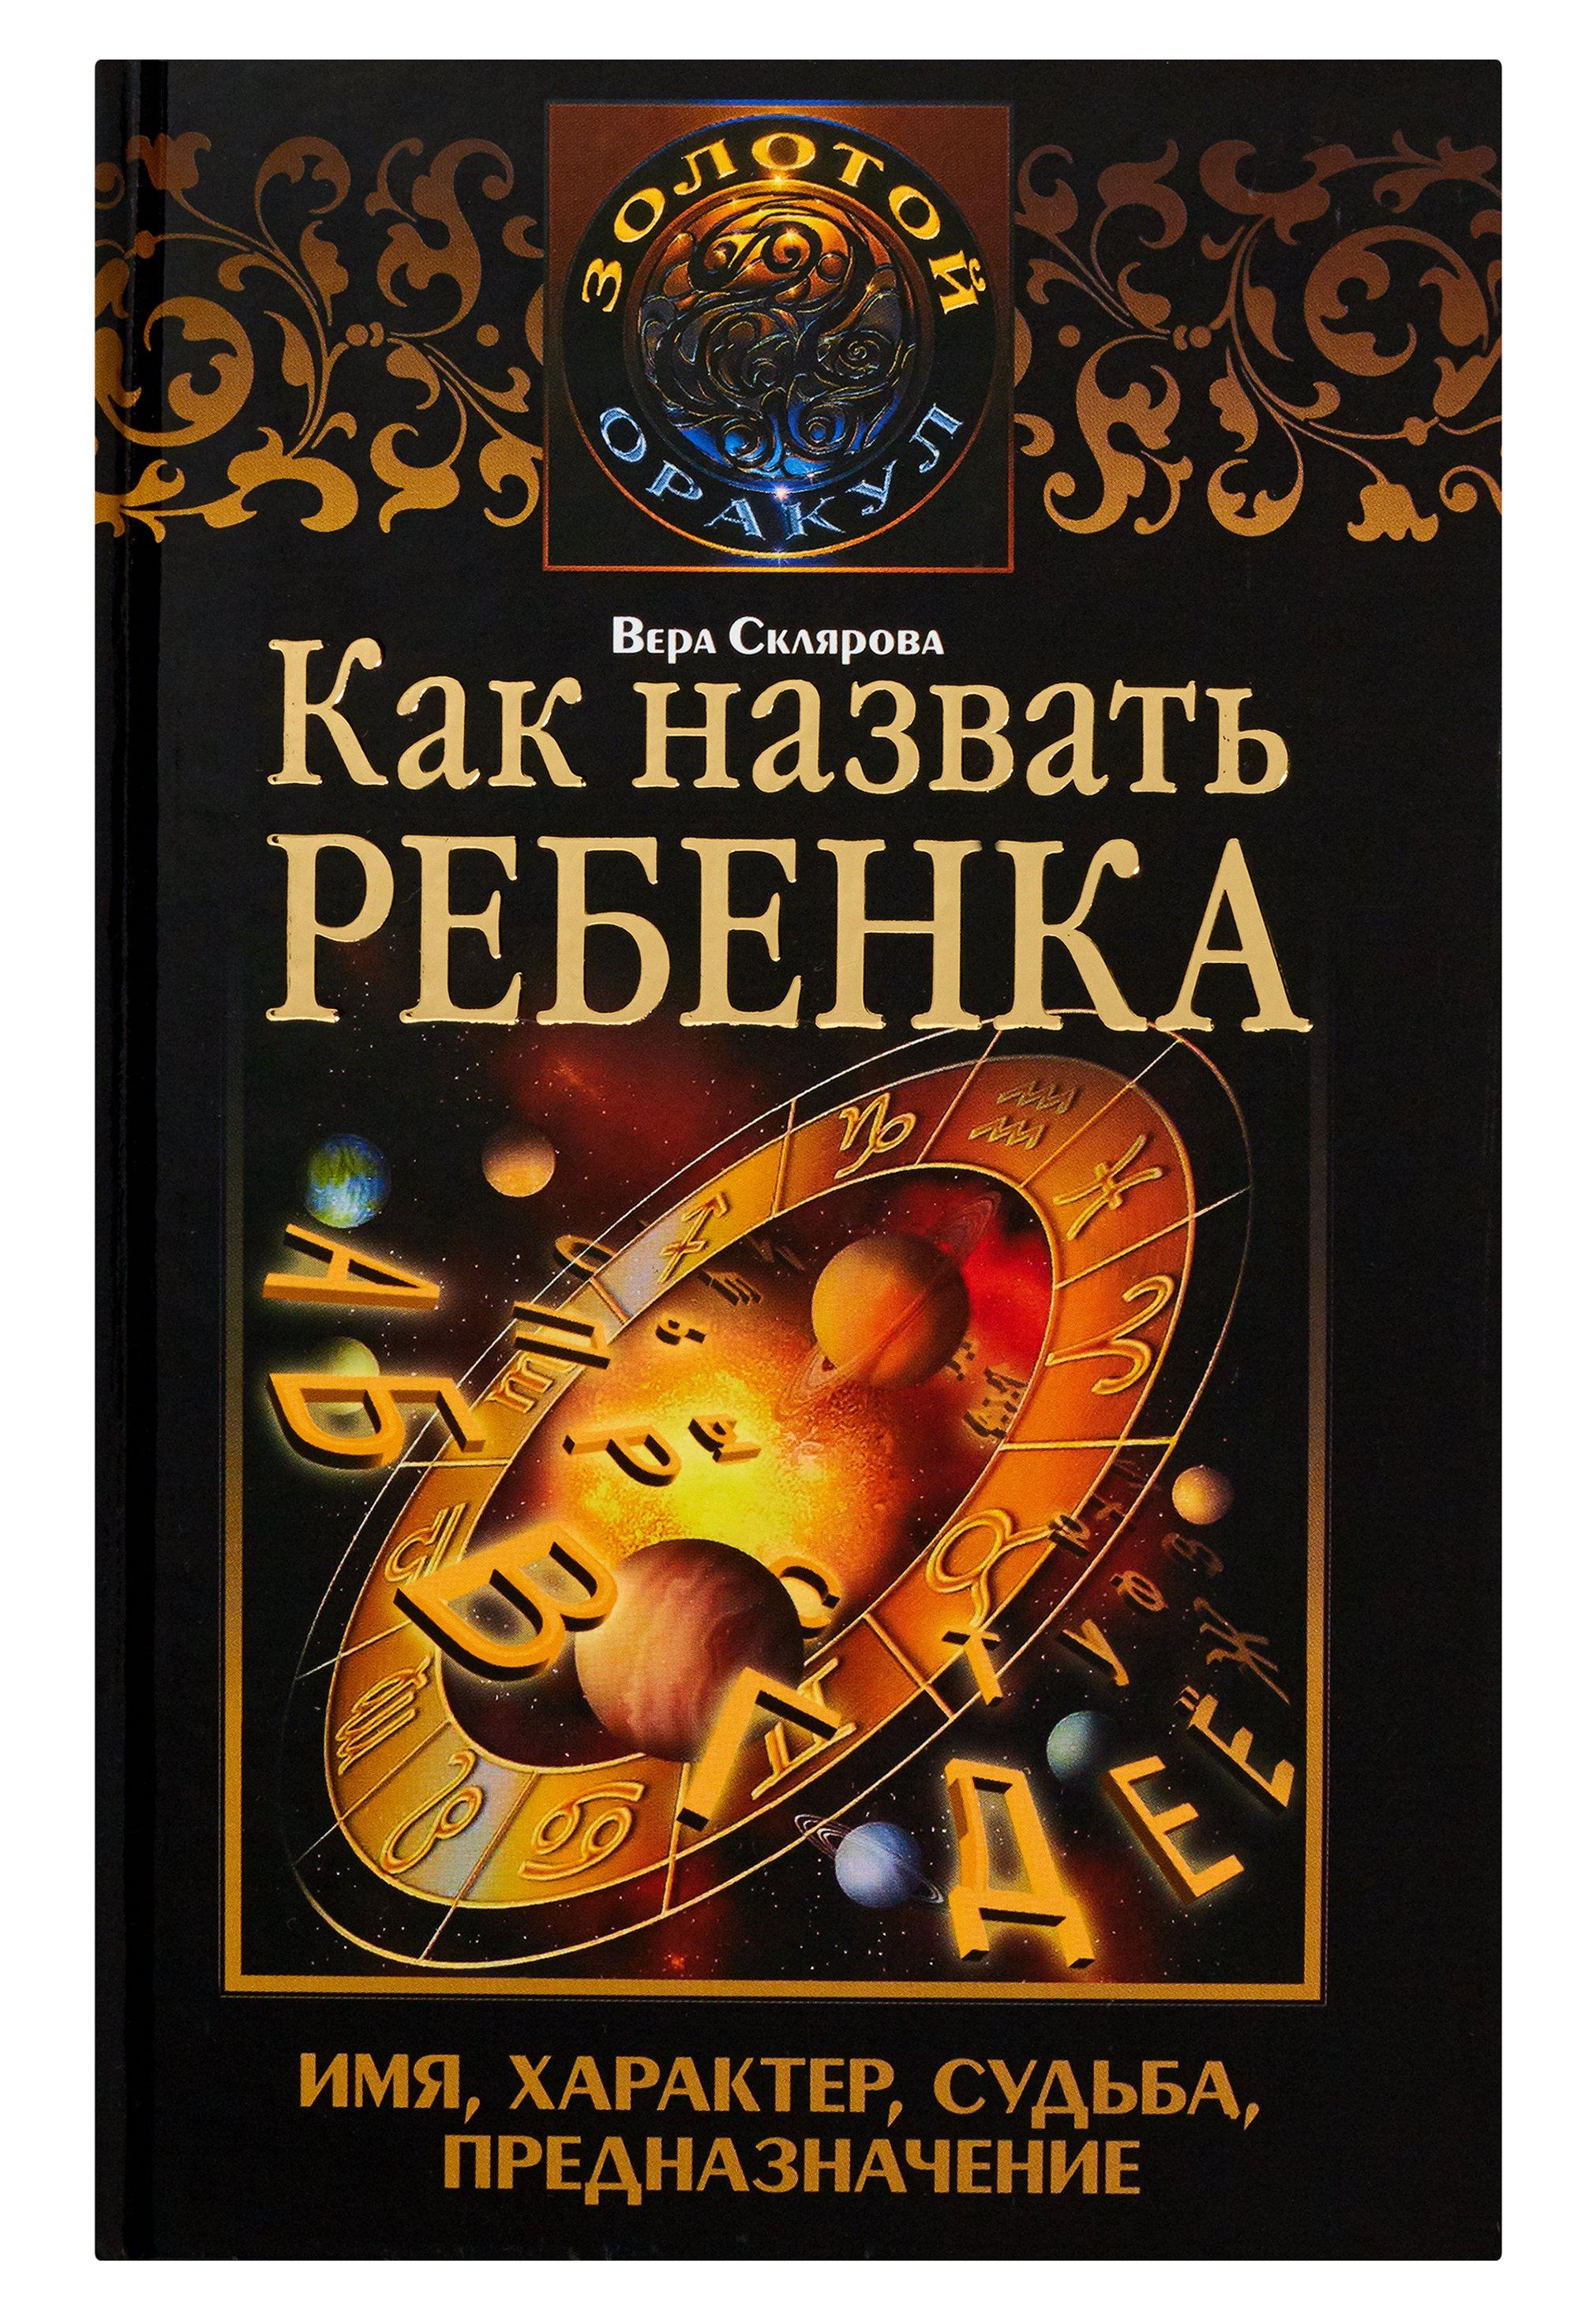 Новая книга /ndc/iblock/443/443f316824745ef8d2dd270f0732410b/b575356cd5026699f4d0777863a126ef.jpg на deti-best.ru